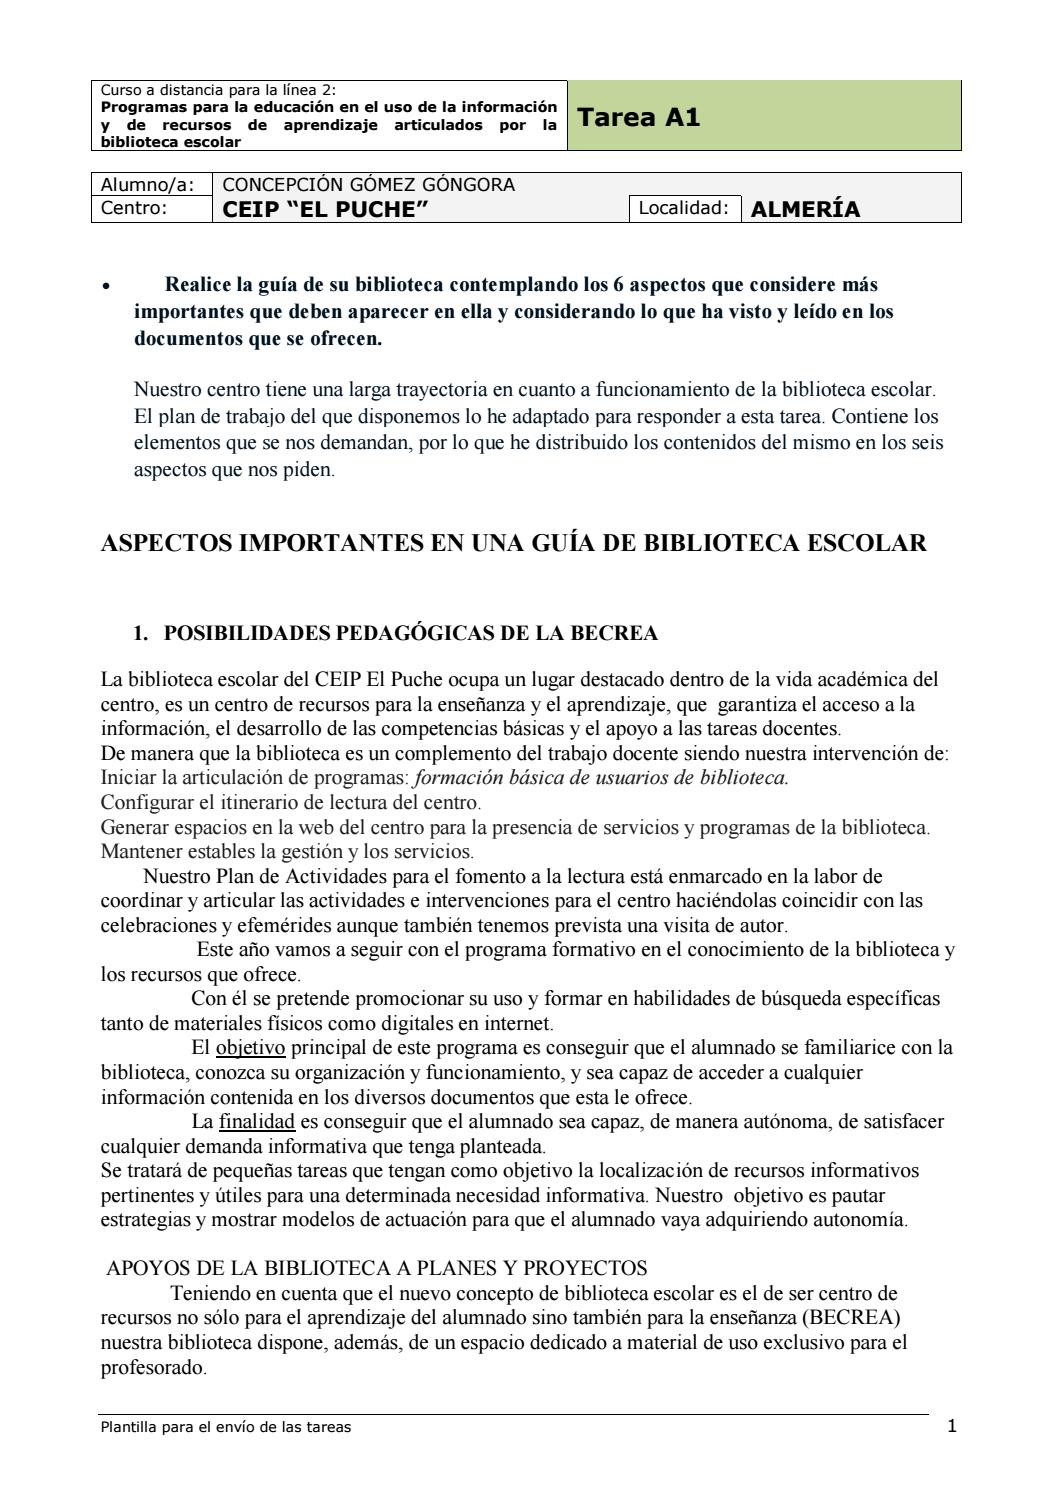 Concepción gómez góngora tarea a1 plantilla l2 by Atal Puche - issuu